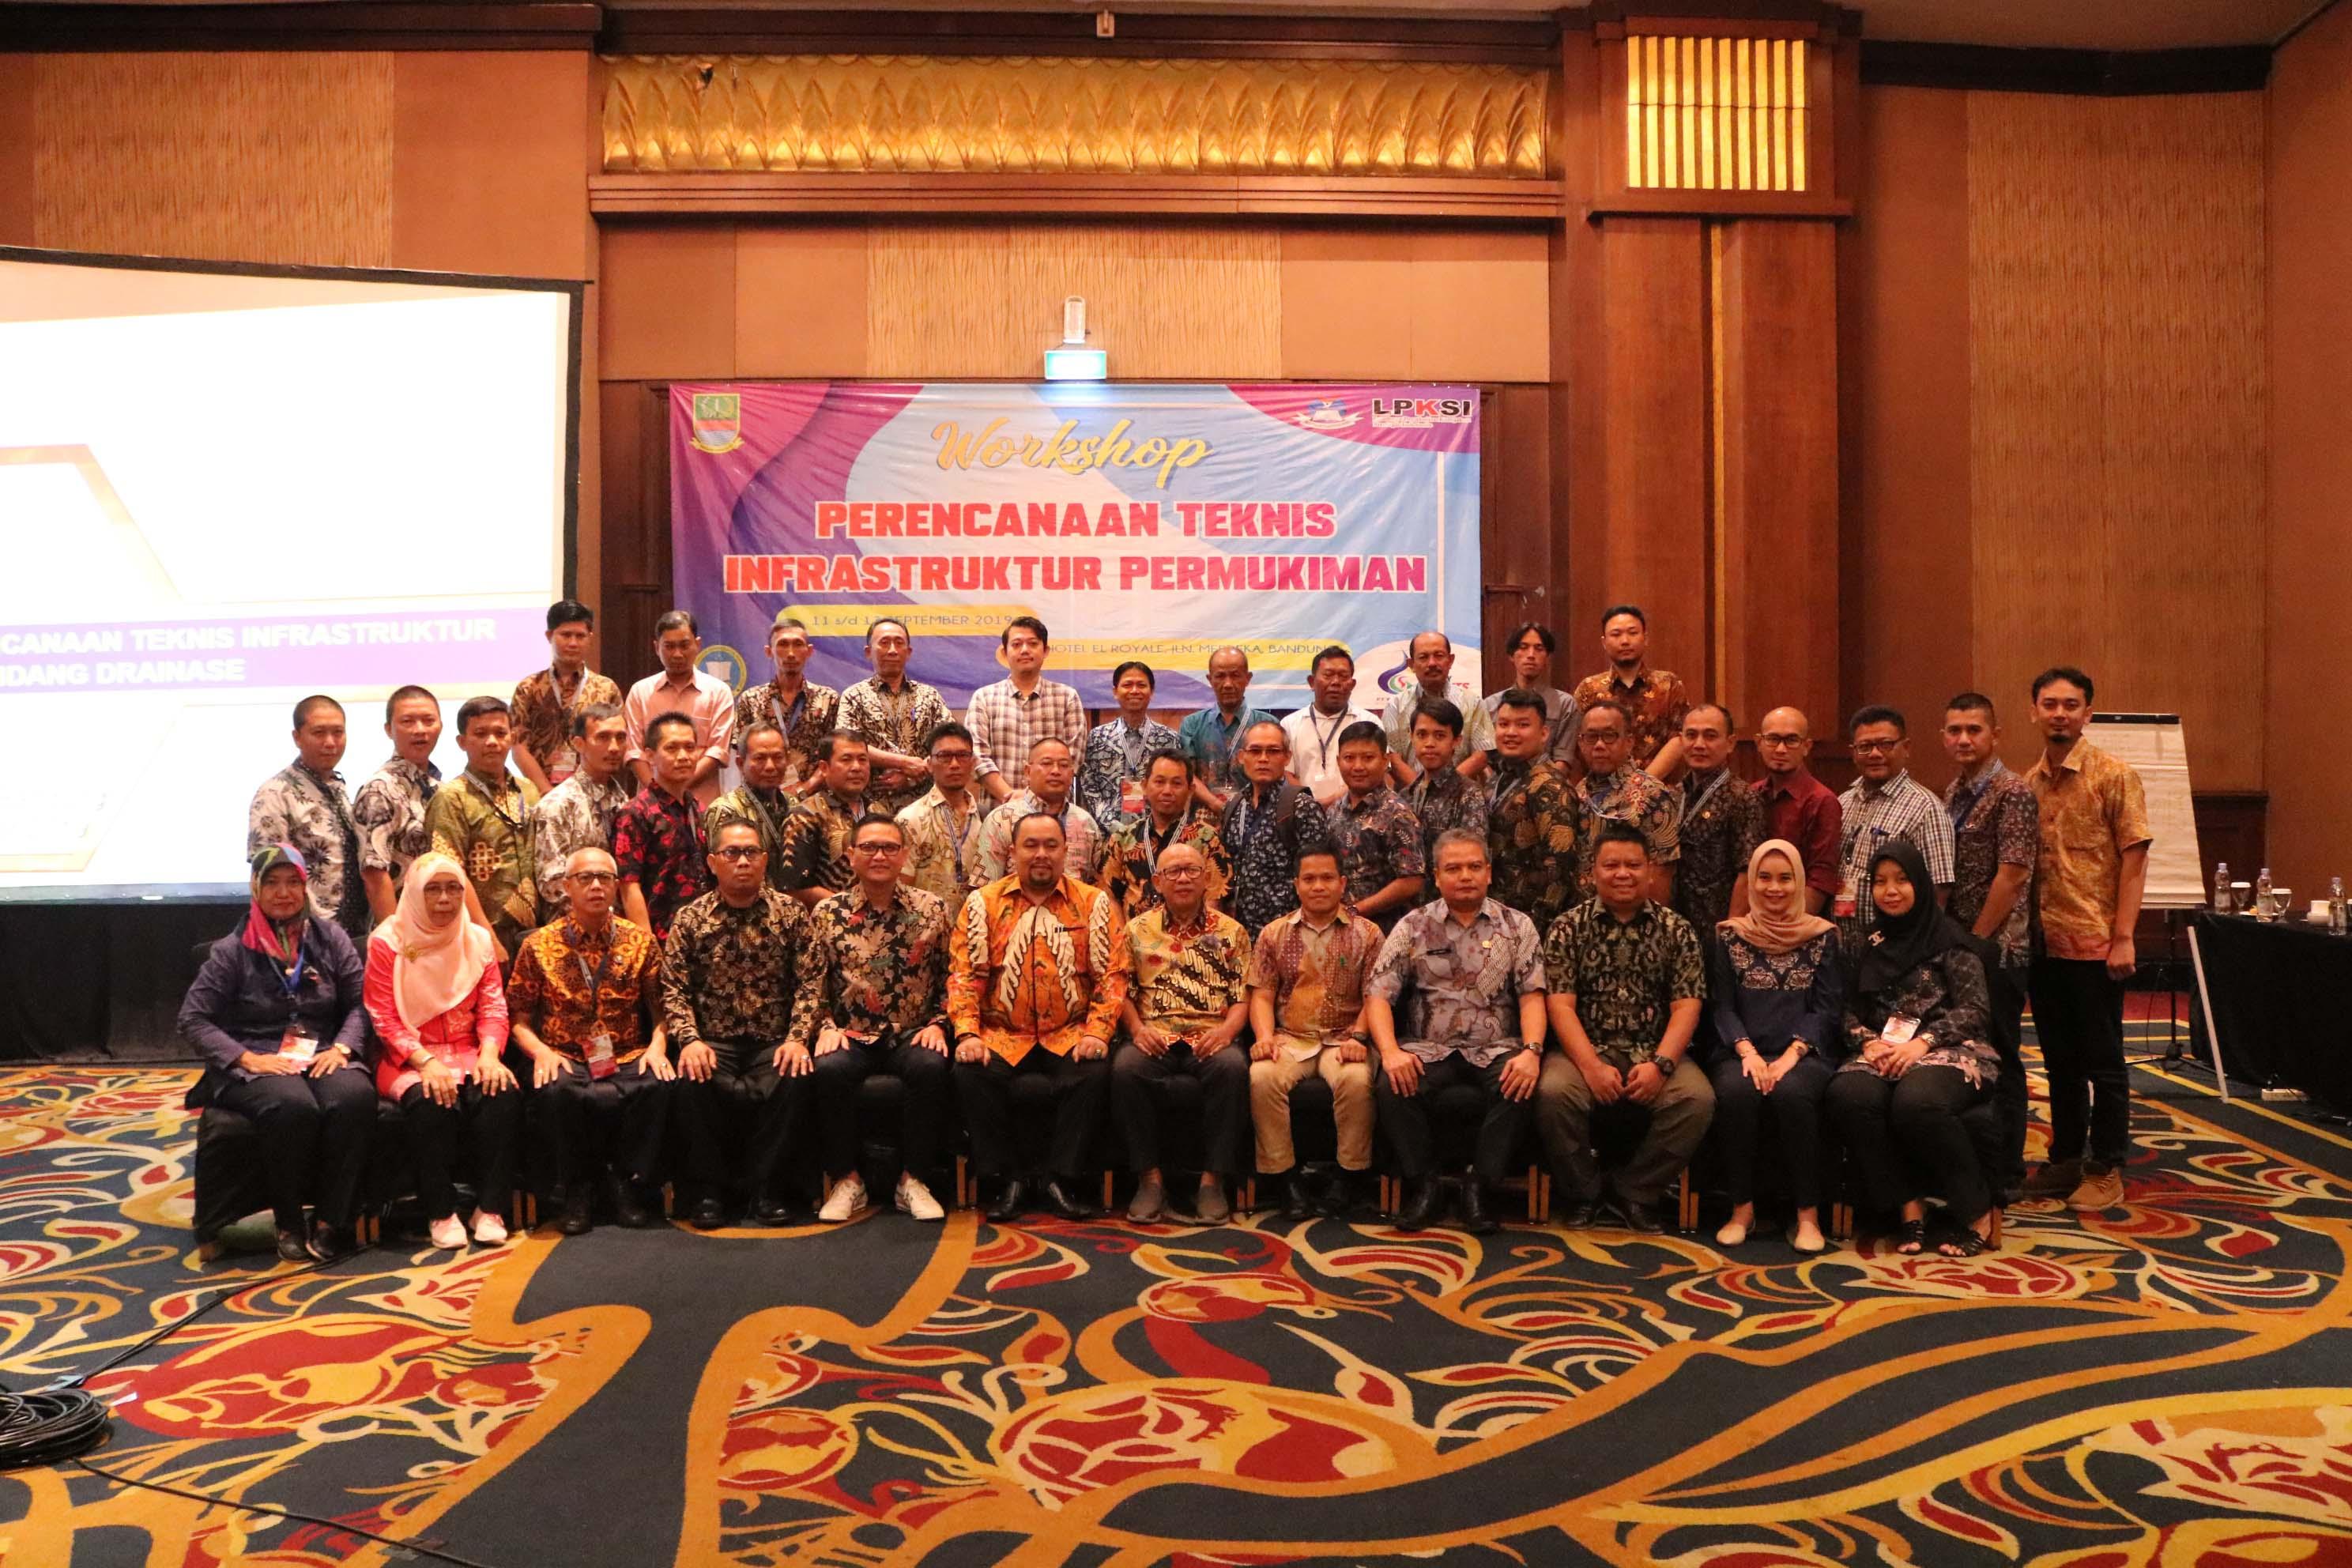 Workshop Perencanaan Teknis Infrastruktur Permukiman III